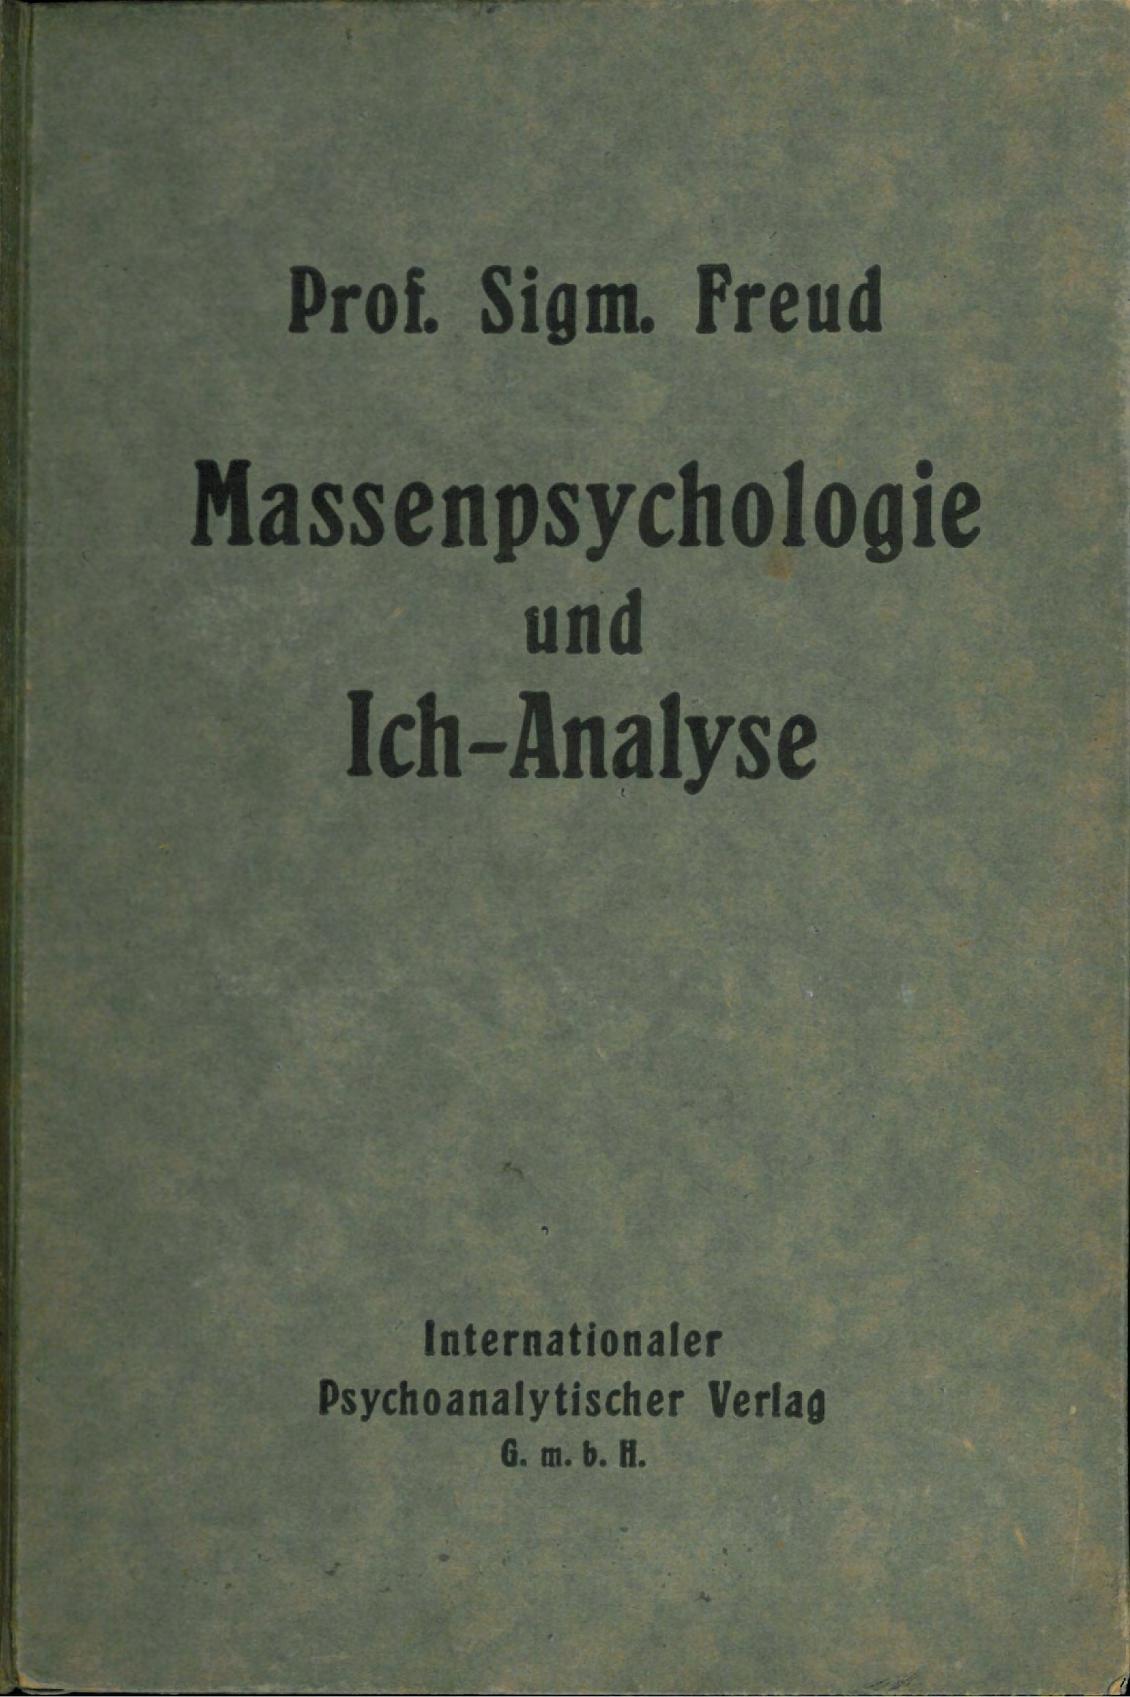 Resultado de imagen para freud massenpsychologie und ich analyse picture